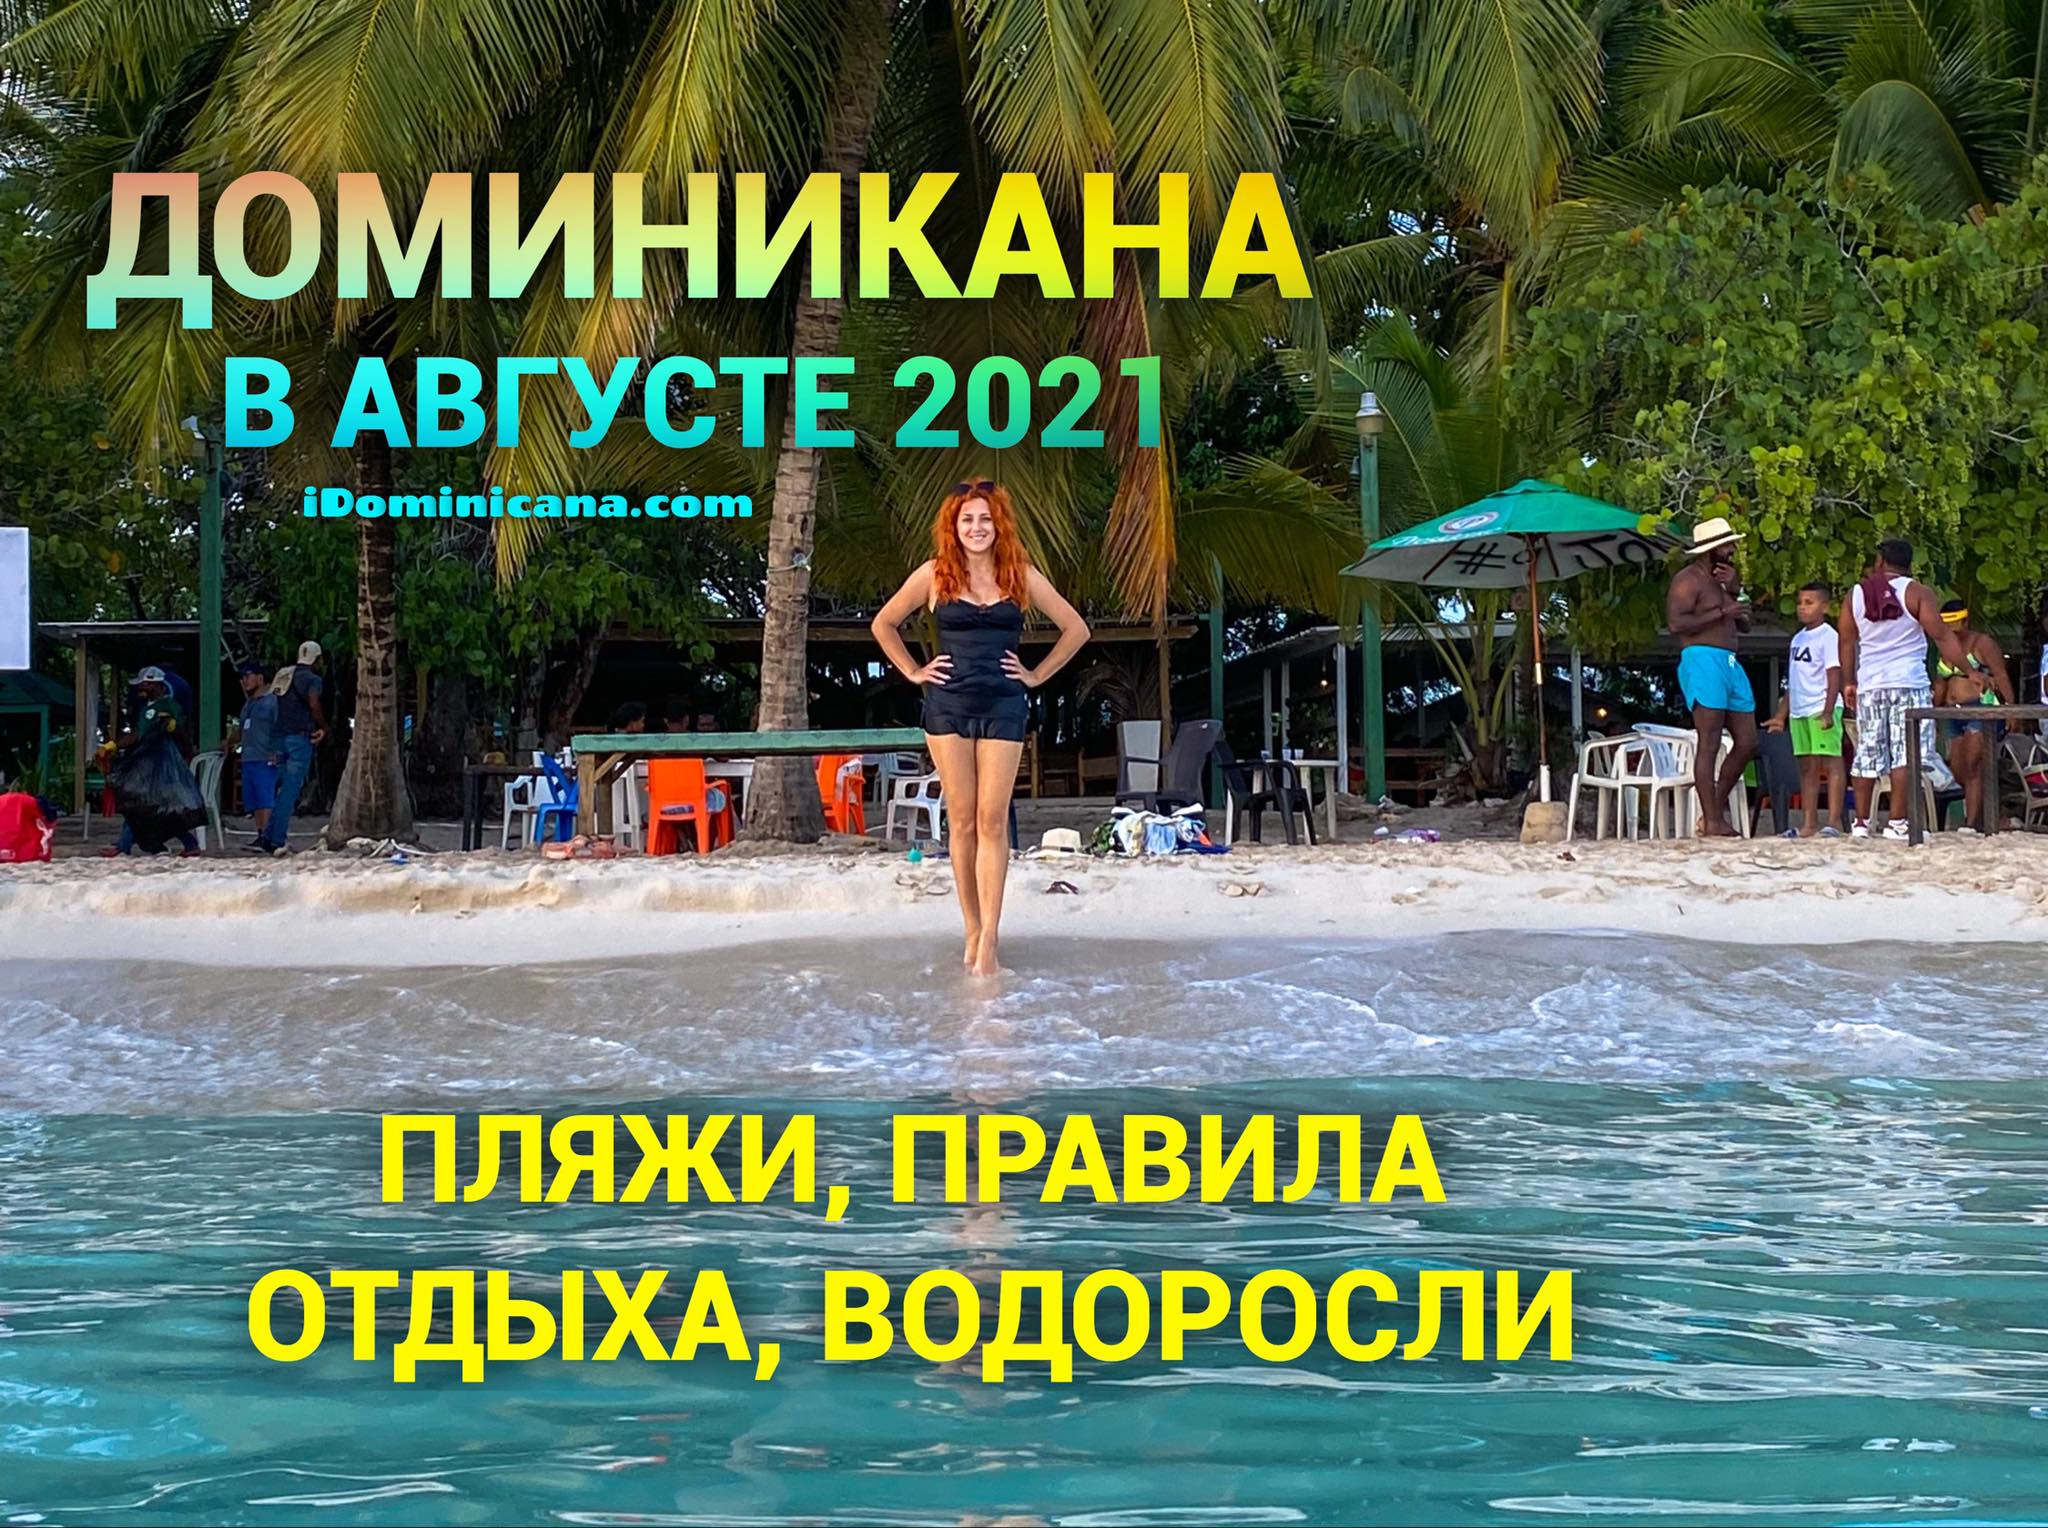 Доминикана в августе 2021: пляжи, водоросли, правила отдыха - ВИДЕО